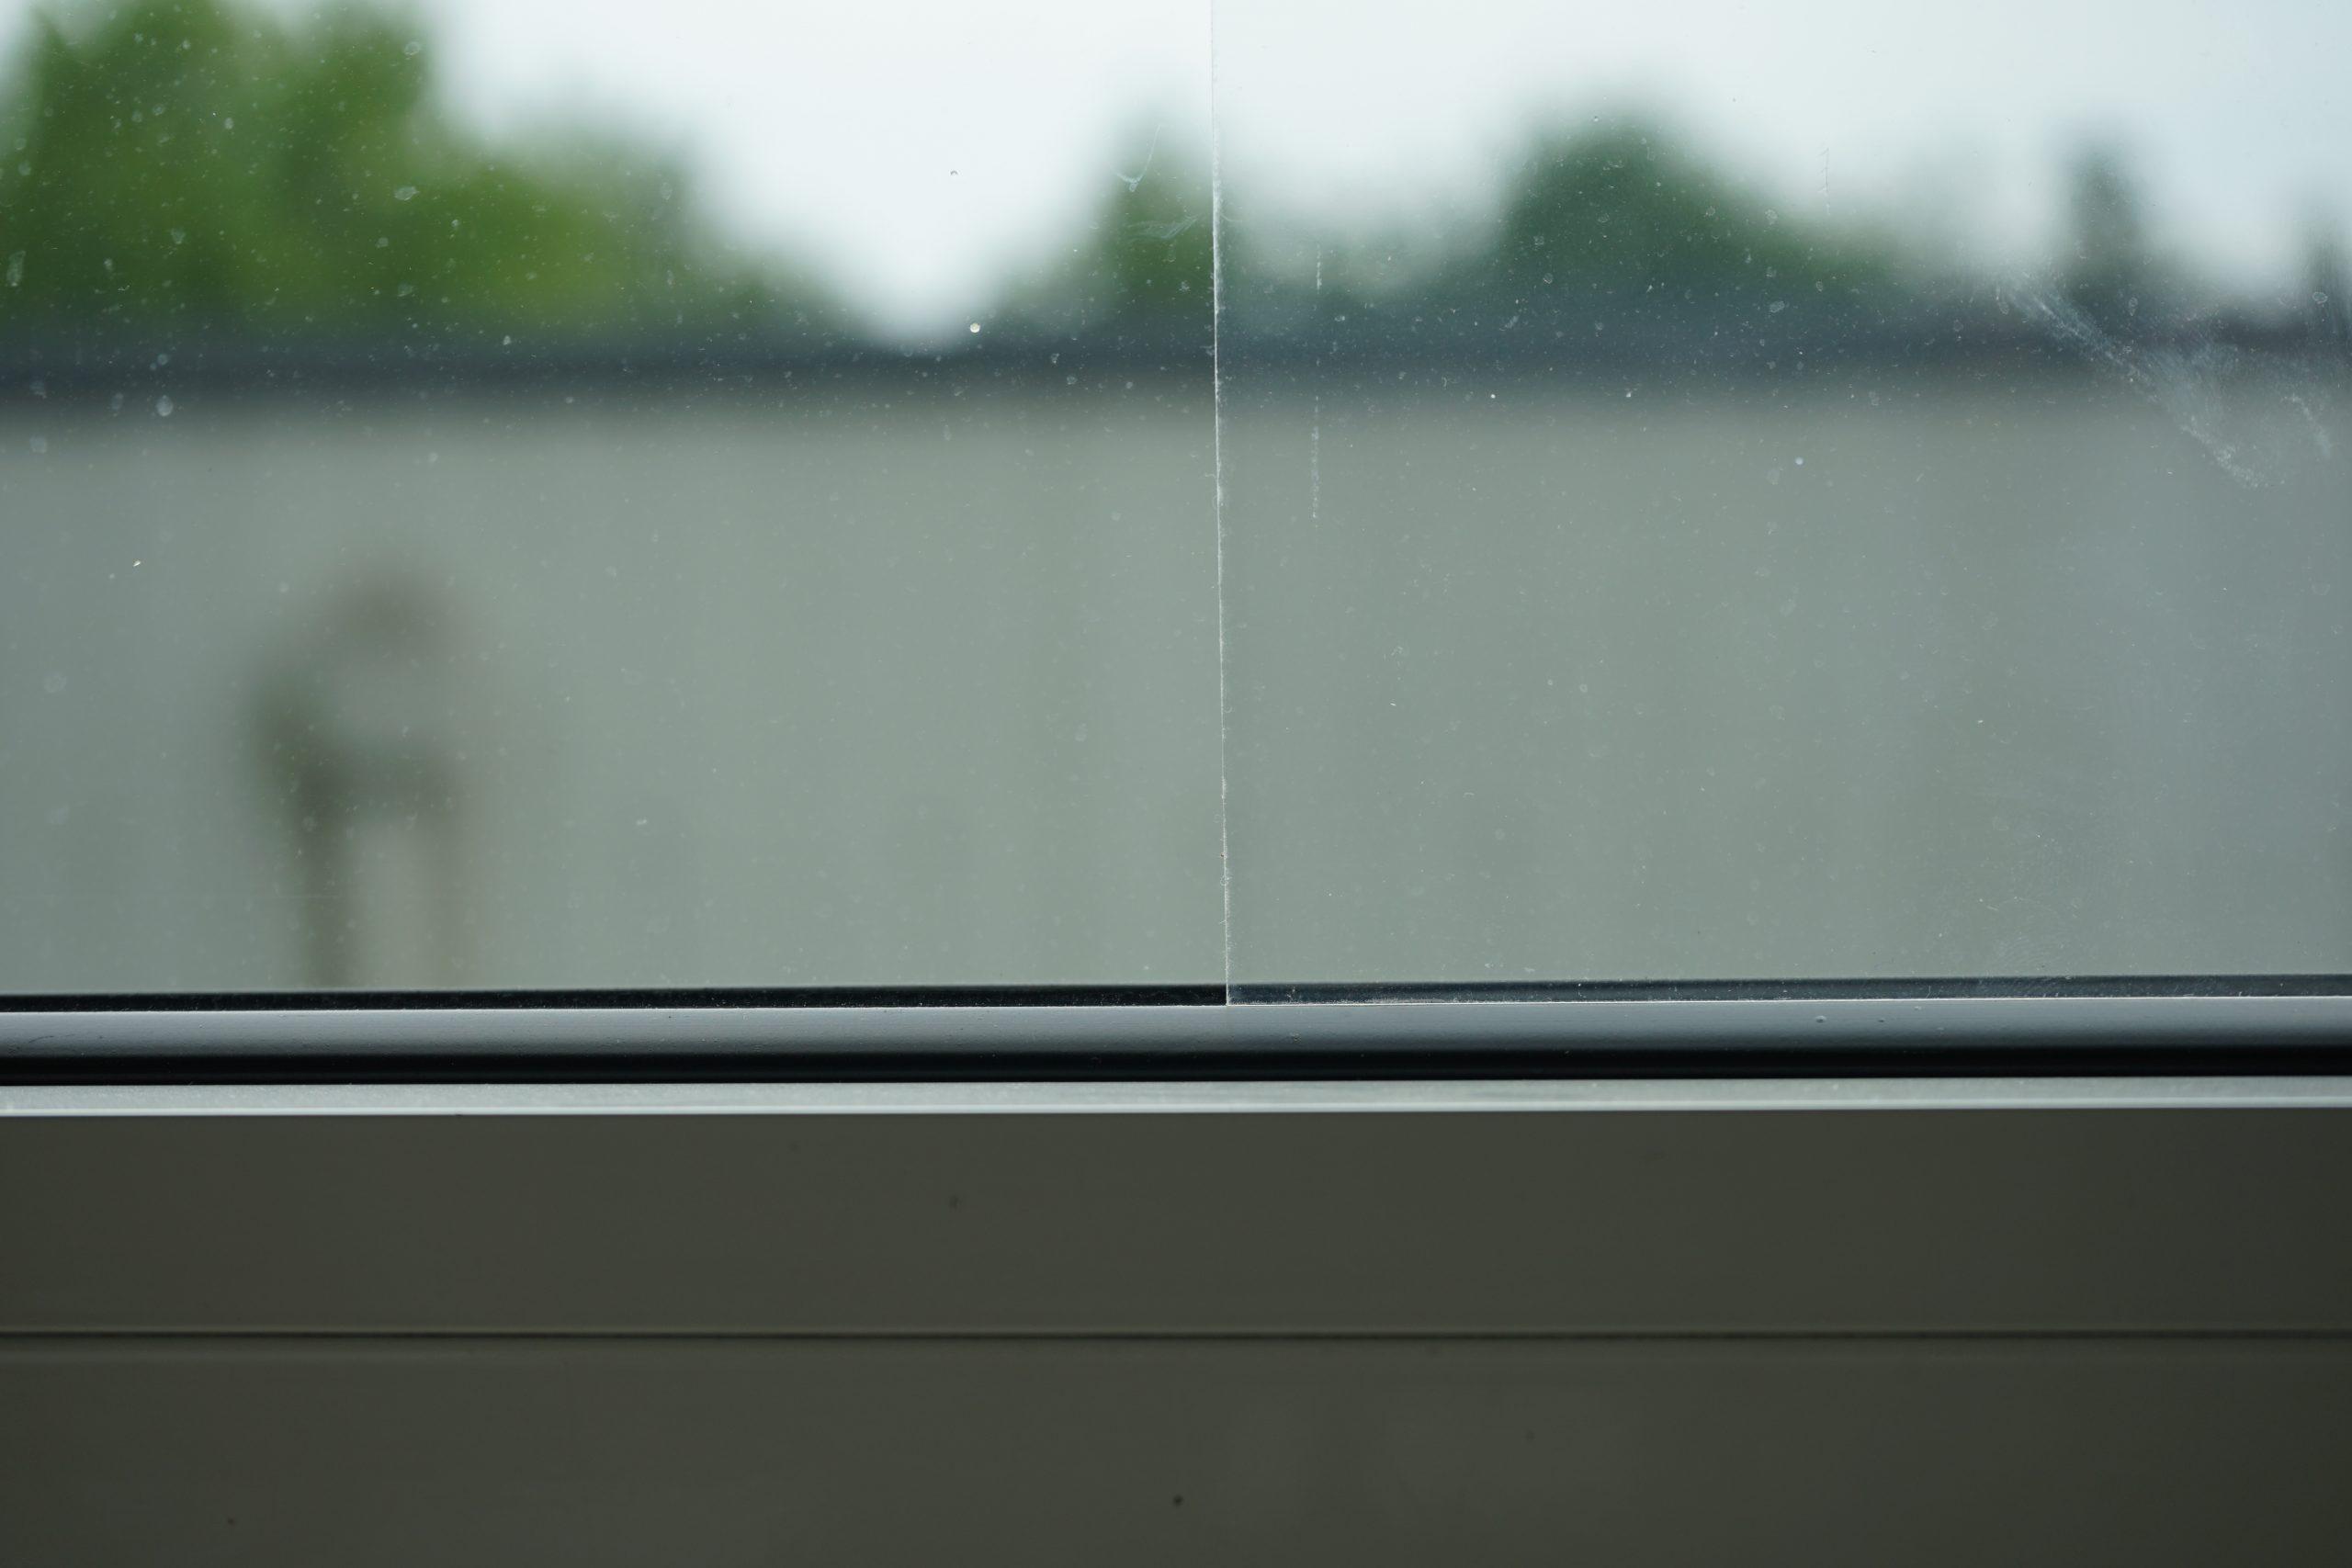 Full Size of Sicherheitsfolie Fenster Innen Einbruchschutzfolie 12 Mil Clear Einbruchsicher Test Rolladen Kosten Neue Austauschen Einbauen Dänische Anthrazit Putzen Fenster Sicherheitsfolie Fenster